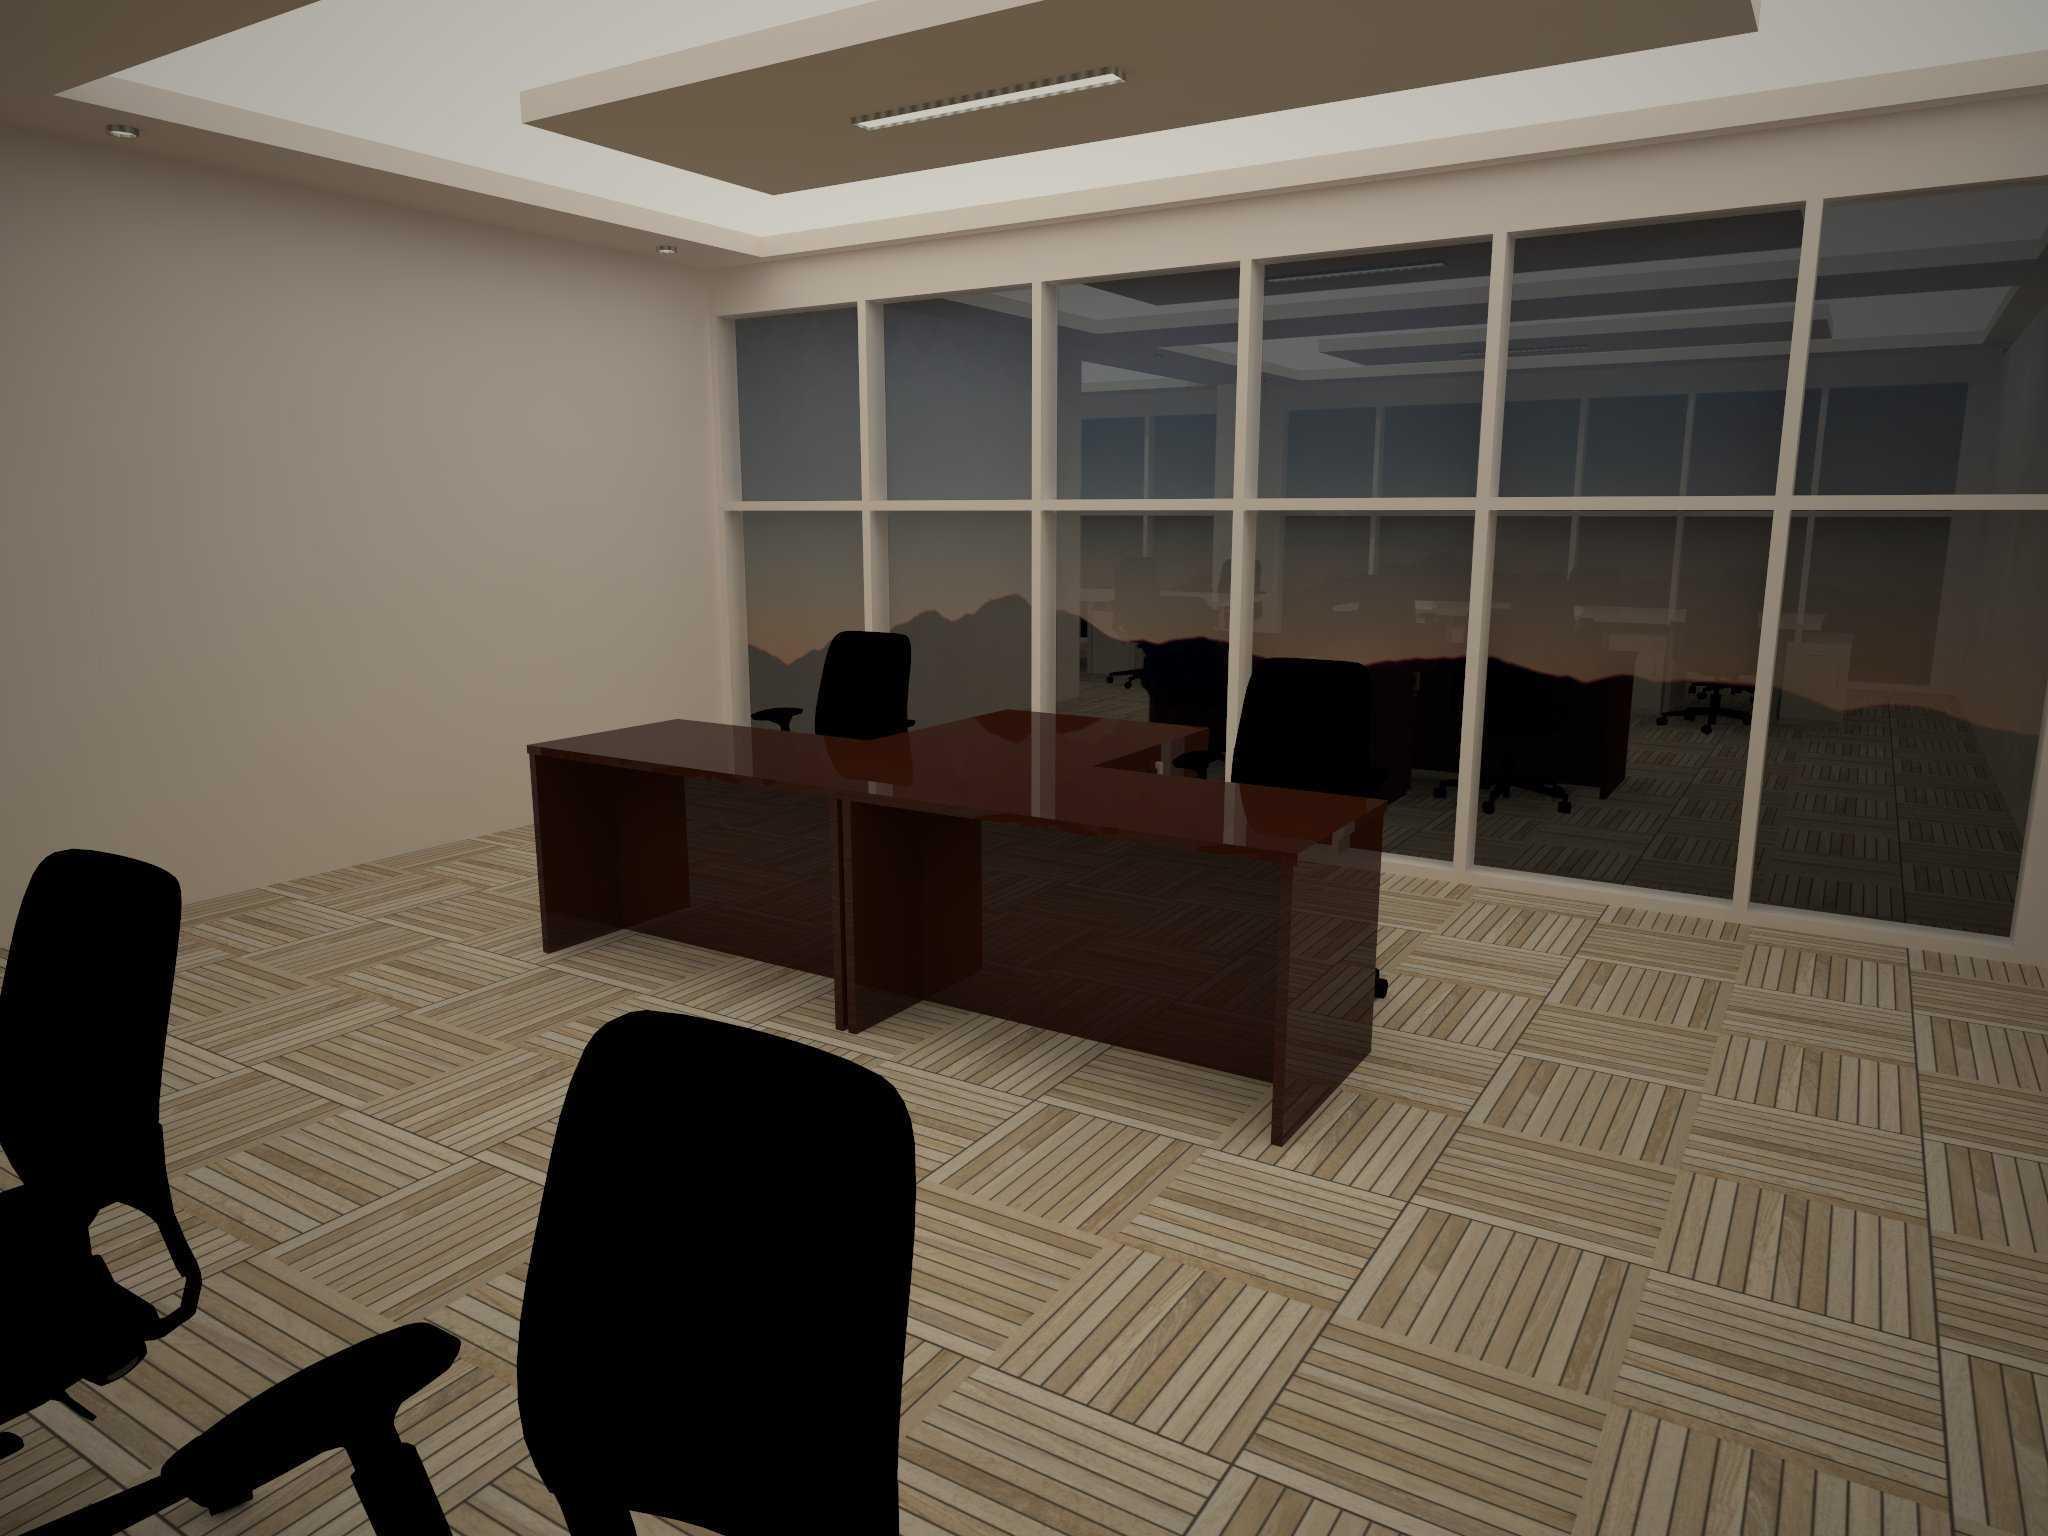 Jeffry Kurniawan Ruang Kantor Jakarta Pusat Jakarta Pusat Workspace   16072